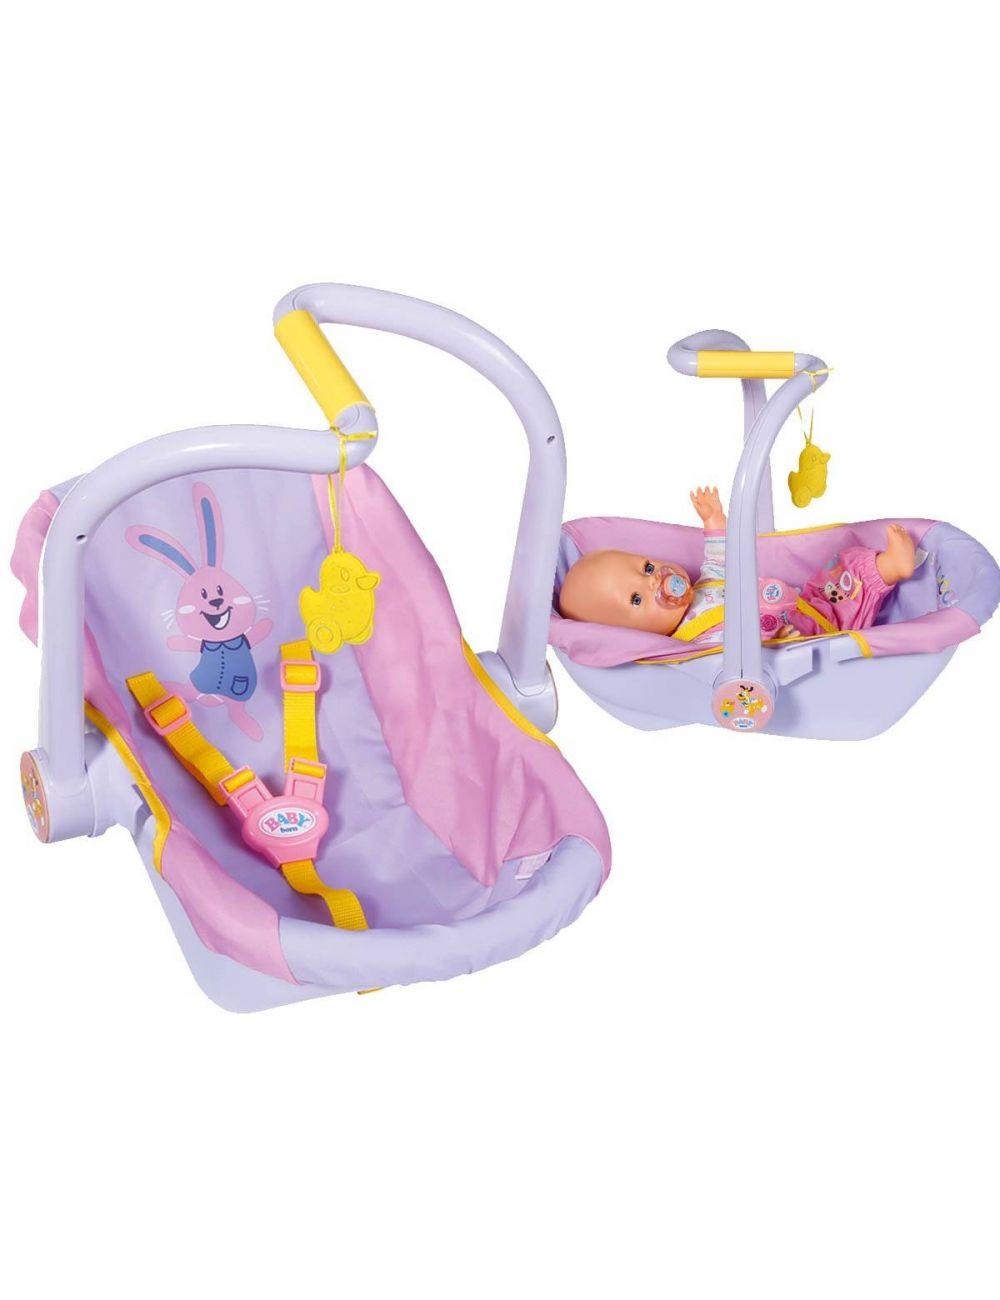 BABY BORN Fotelik dla lalki nosidełko krzesełko 3w1